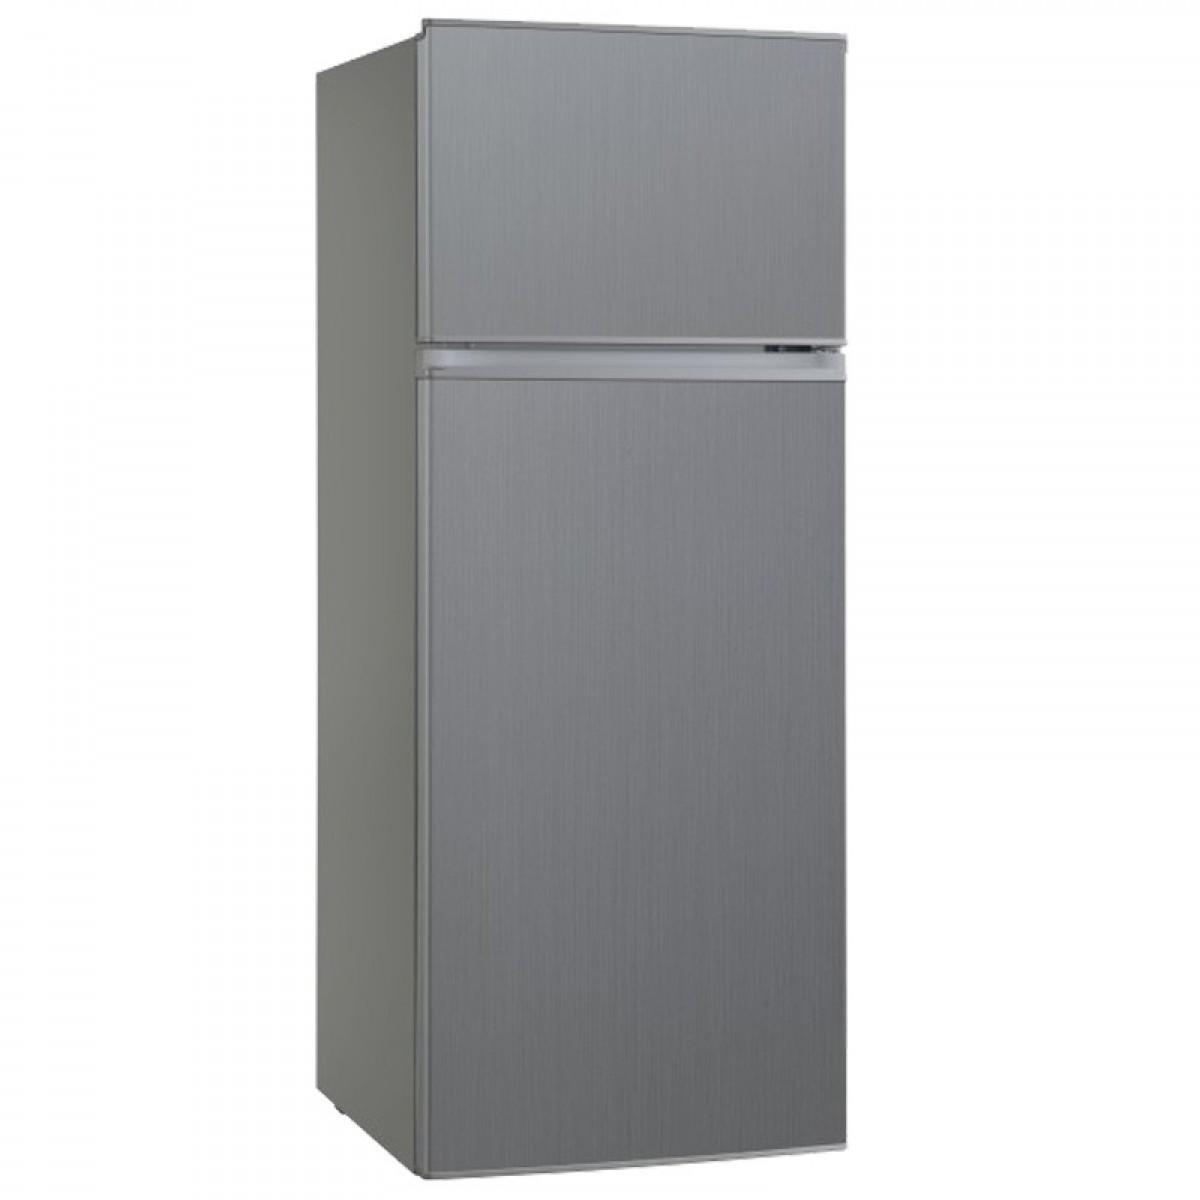 MIDEA - Réfrigérateur HD-312FS defrost 350L - Silver prix tunisie